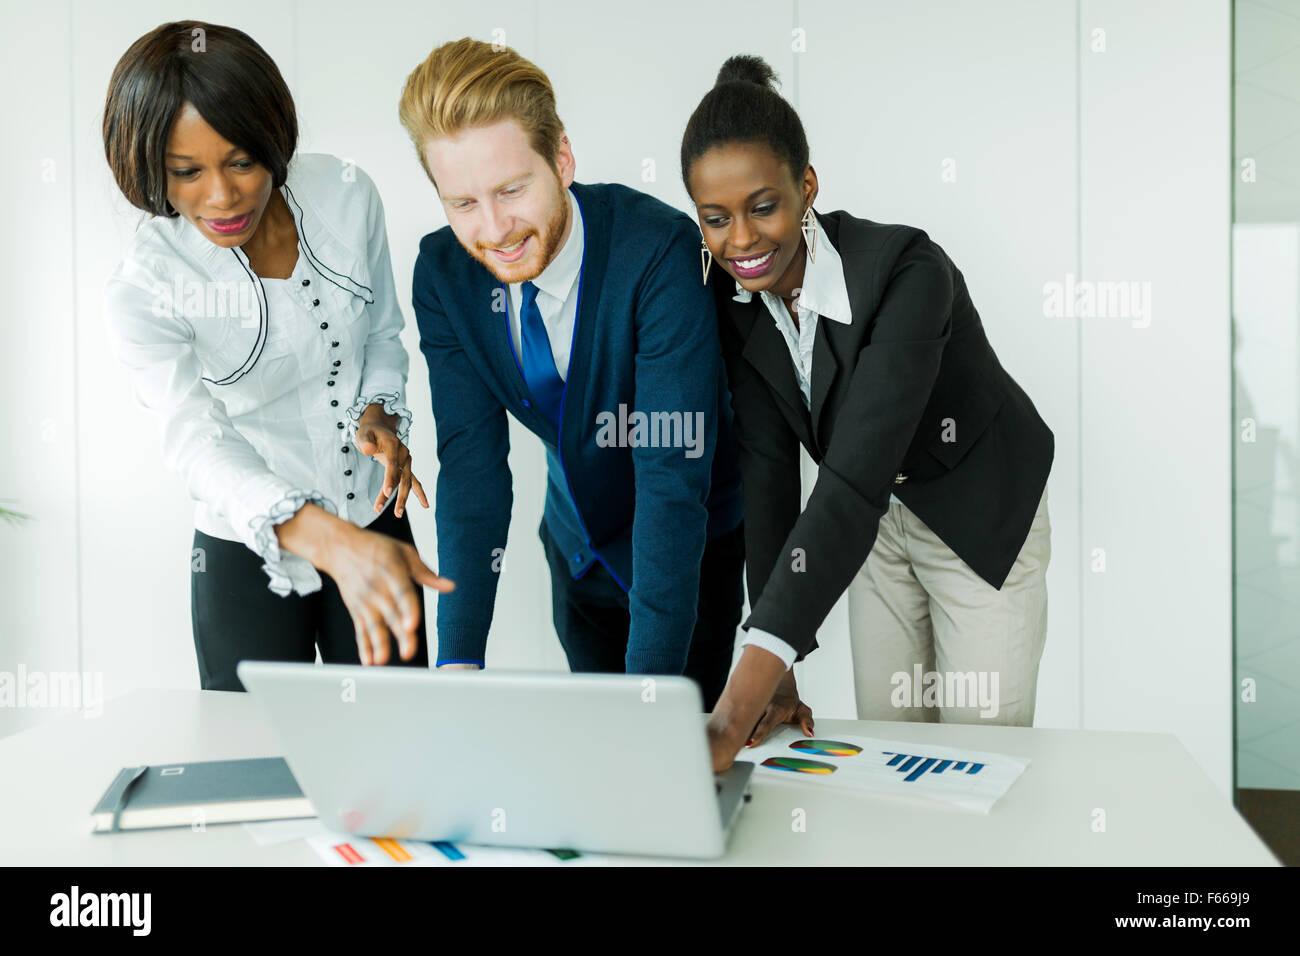 Geschäft, glücklich, schön gekleidet multi-ethnischen Menschen in einem sauberen, weißen Büro Stockbild